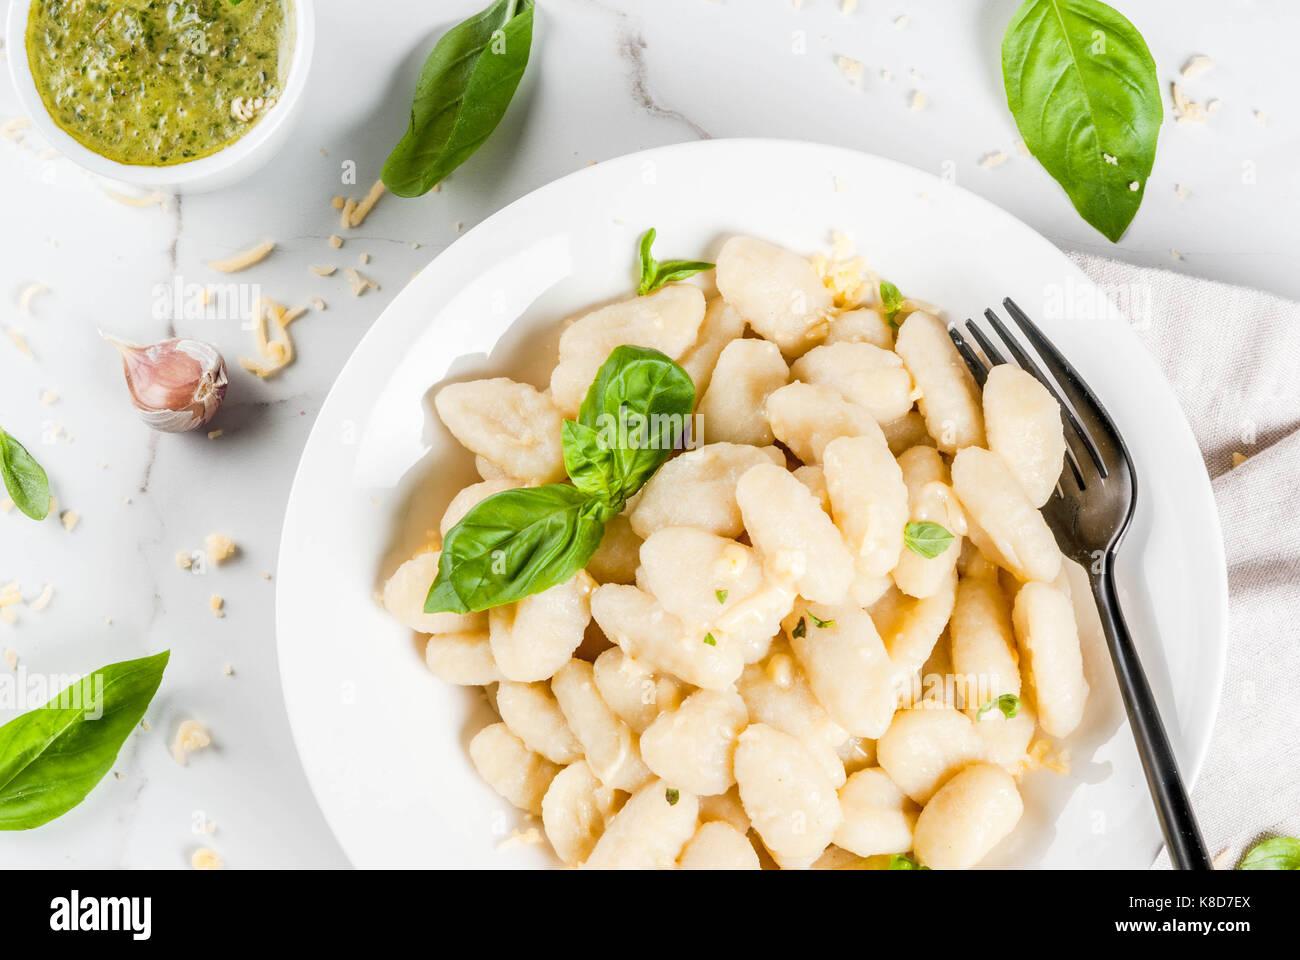 Italienisches Essen Rezept, gesunden veganen Abendessen mit Gnocchi. Mit geriebenem Parmesan, Basilikum und Pesto. Stockbild